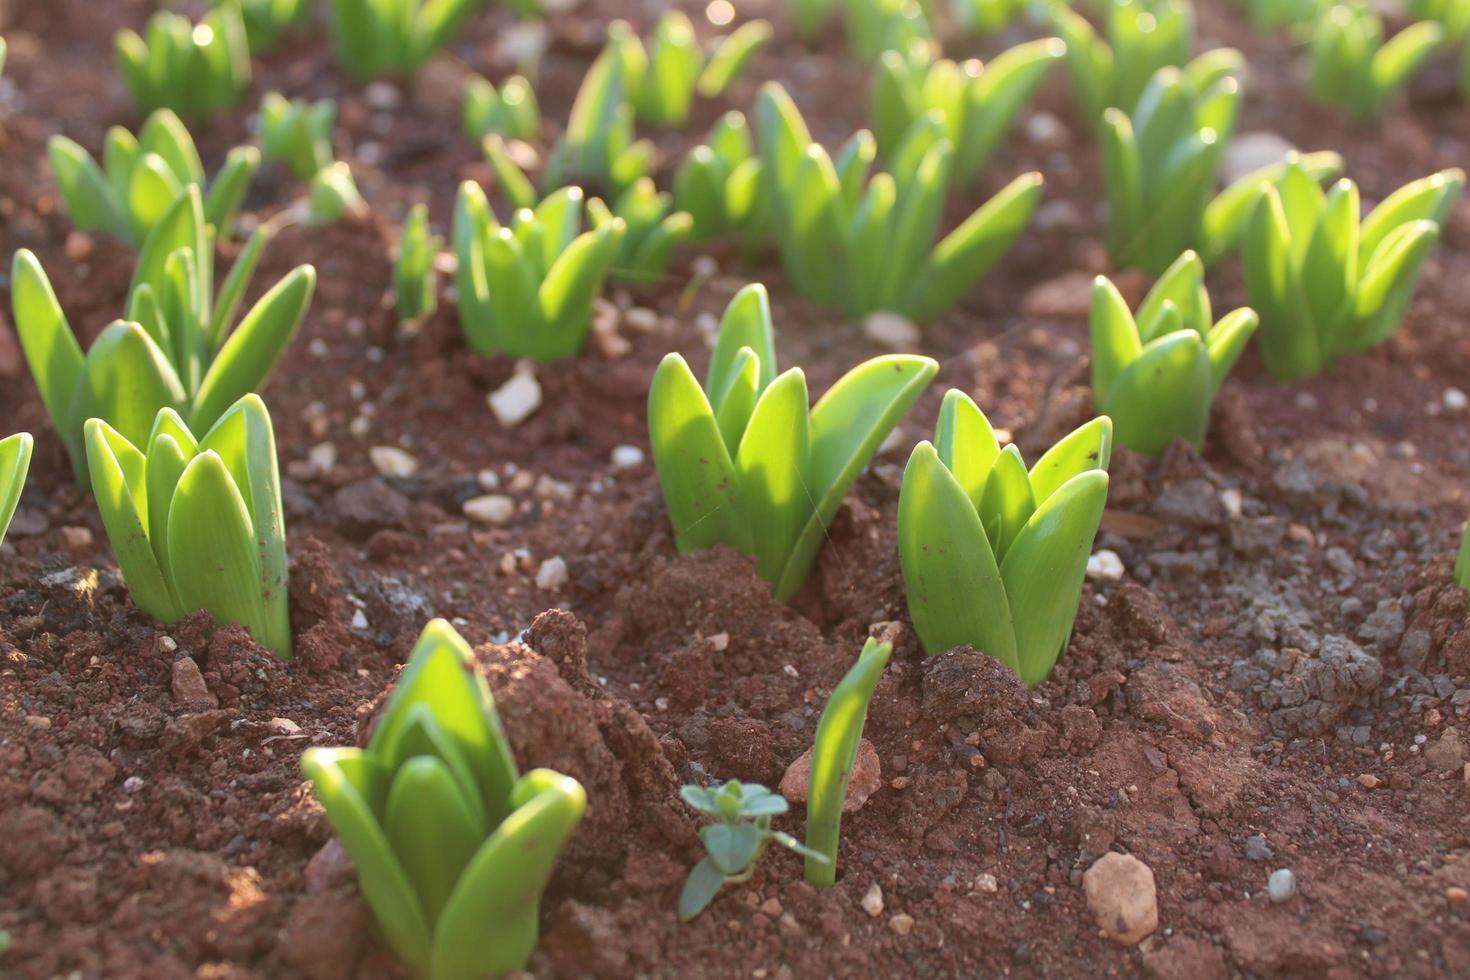 Makro Nahaufnahme von grünen Pflanzensprossen und Sämlingen im Boden foto